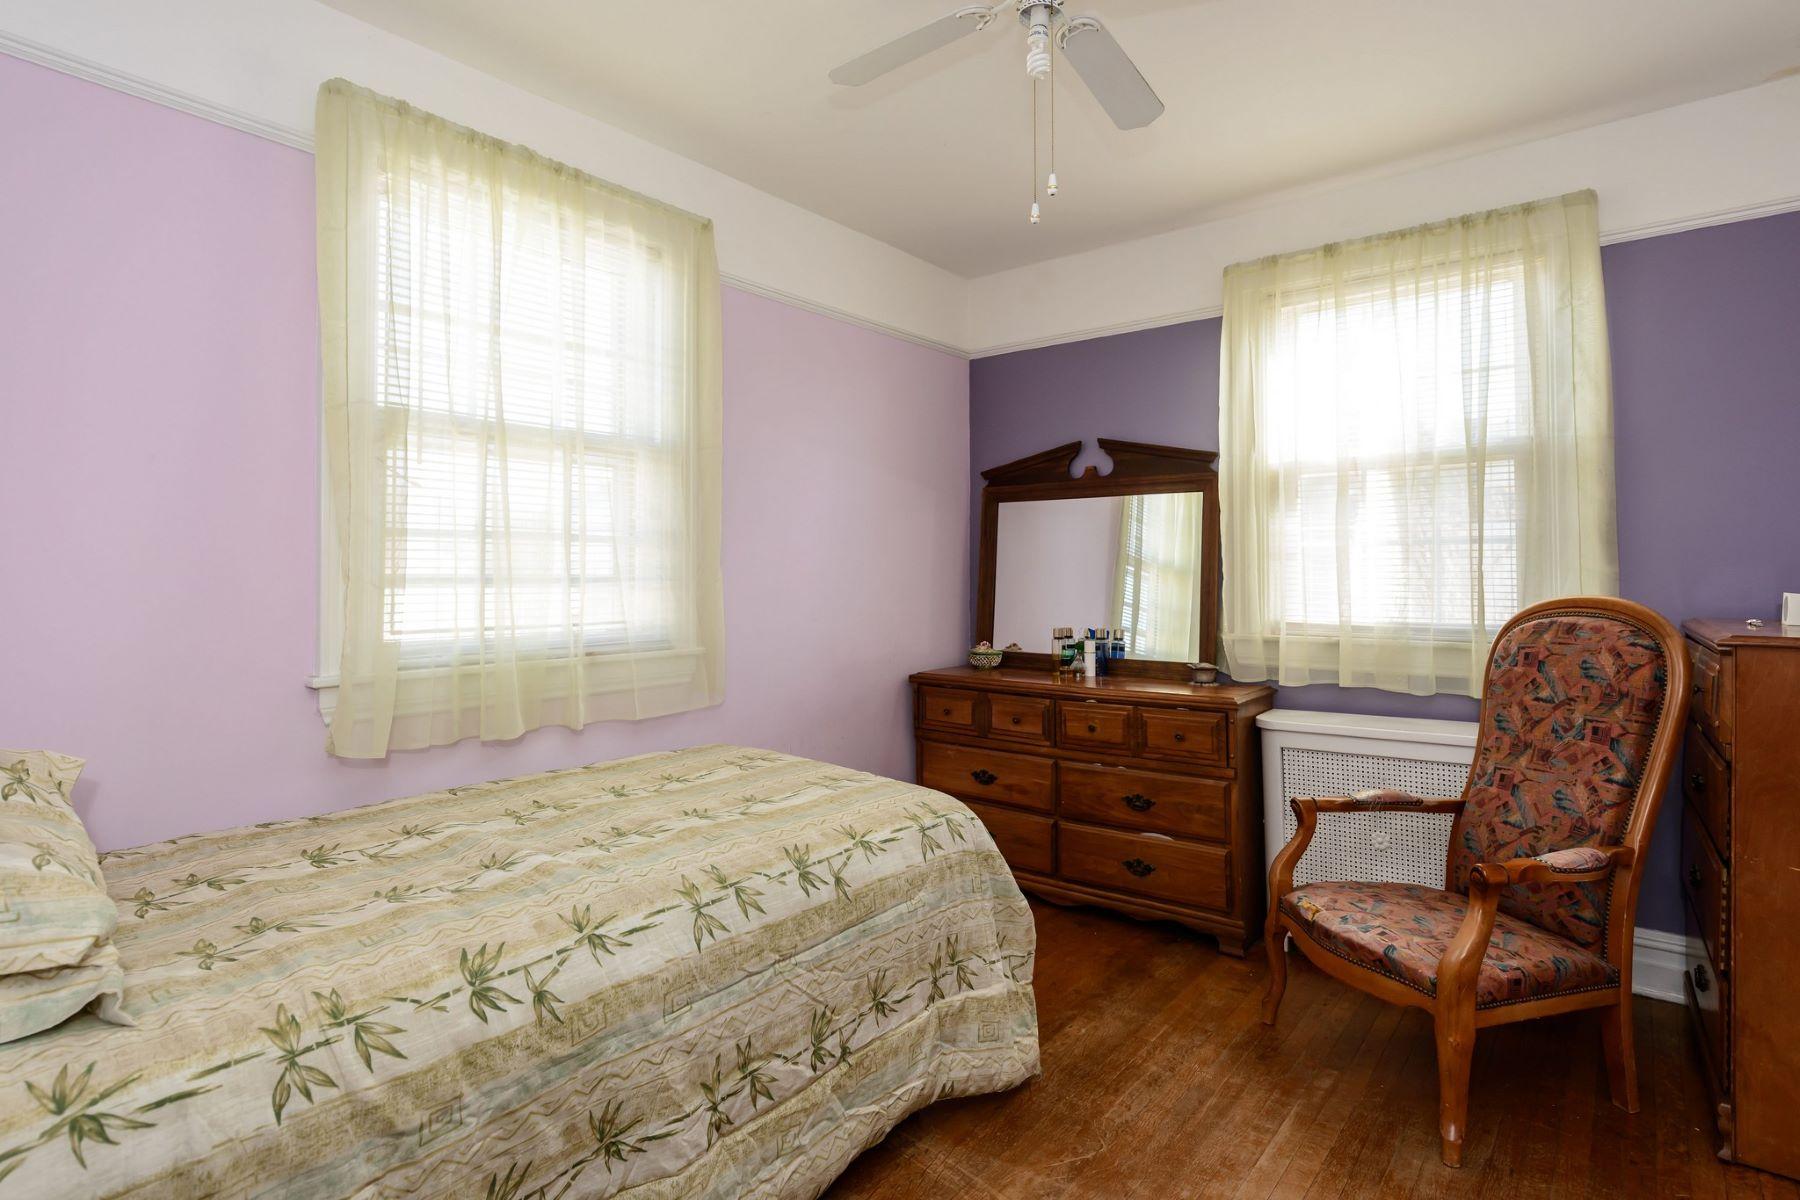 واحد منزل الأسرة للـ Sale في 150 Academy Pl , West Hempstead, NY 11552 West Hempstead, New York, 11552 United States